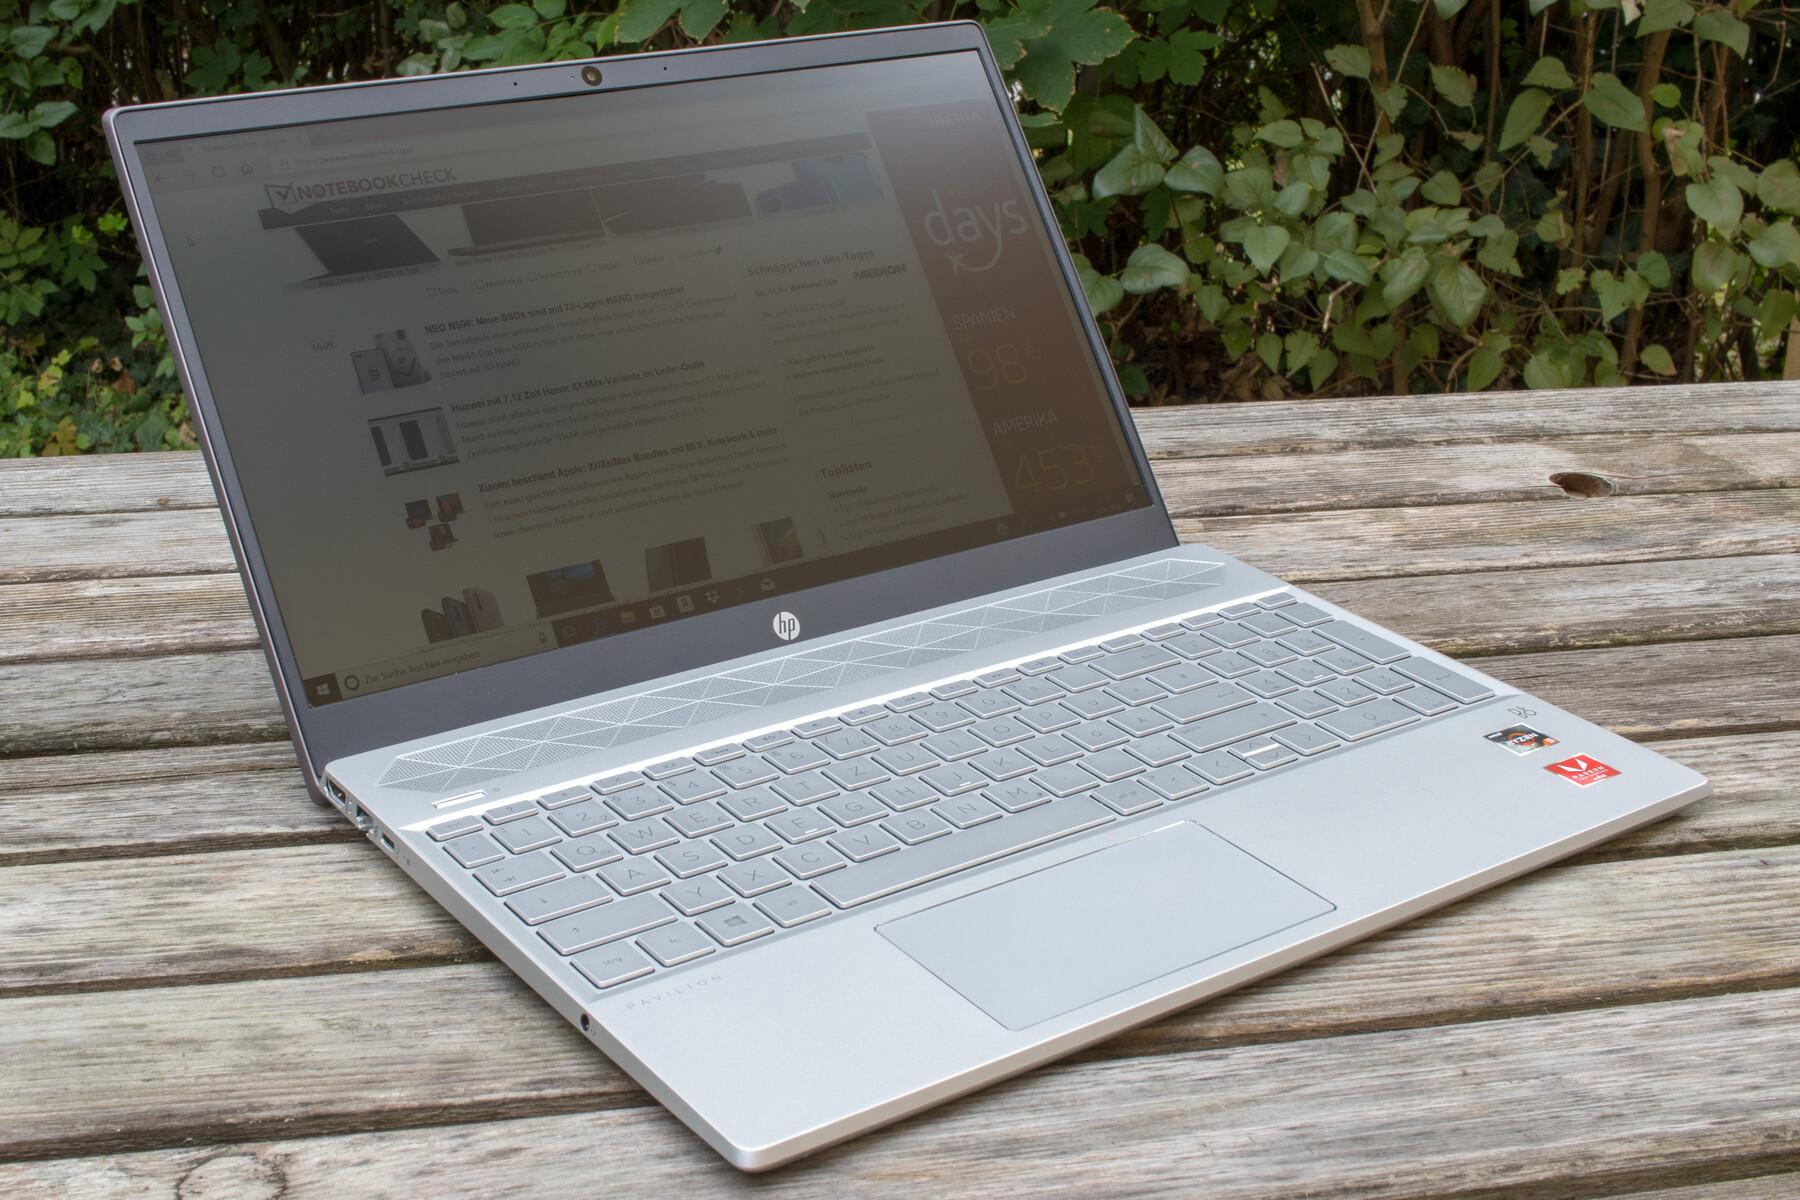 HP Pavilion 15 - Beste basis laptop voor 2021 en verder